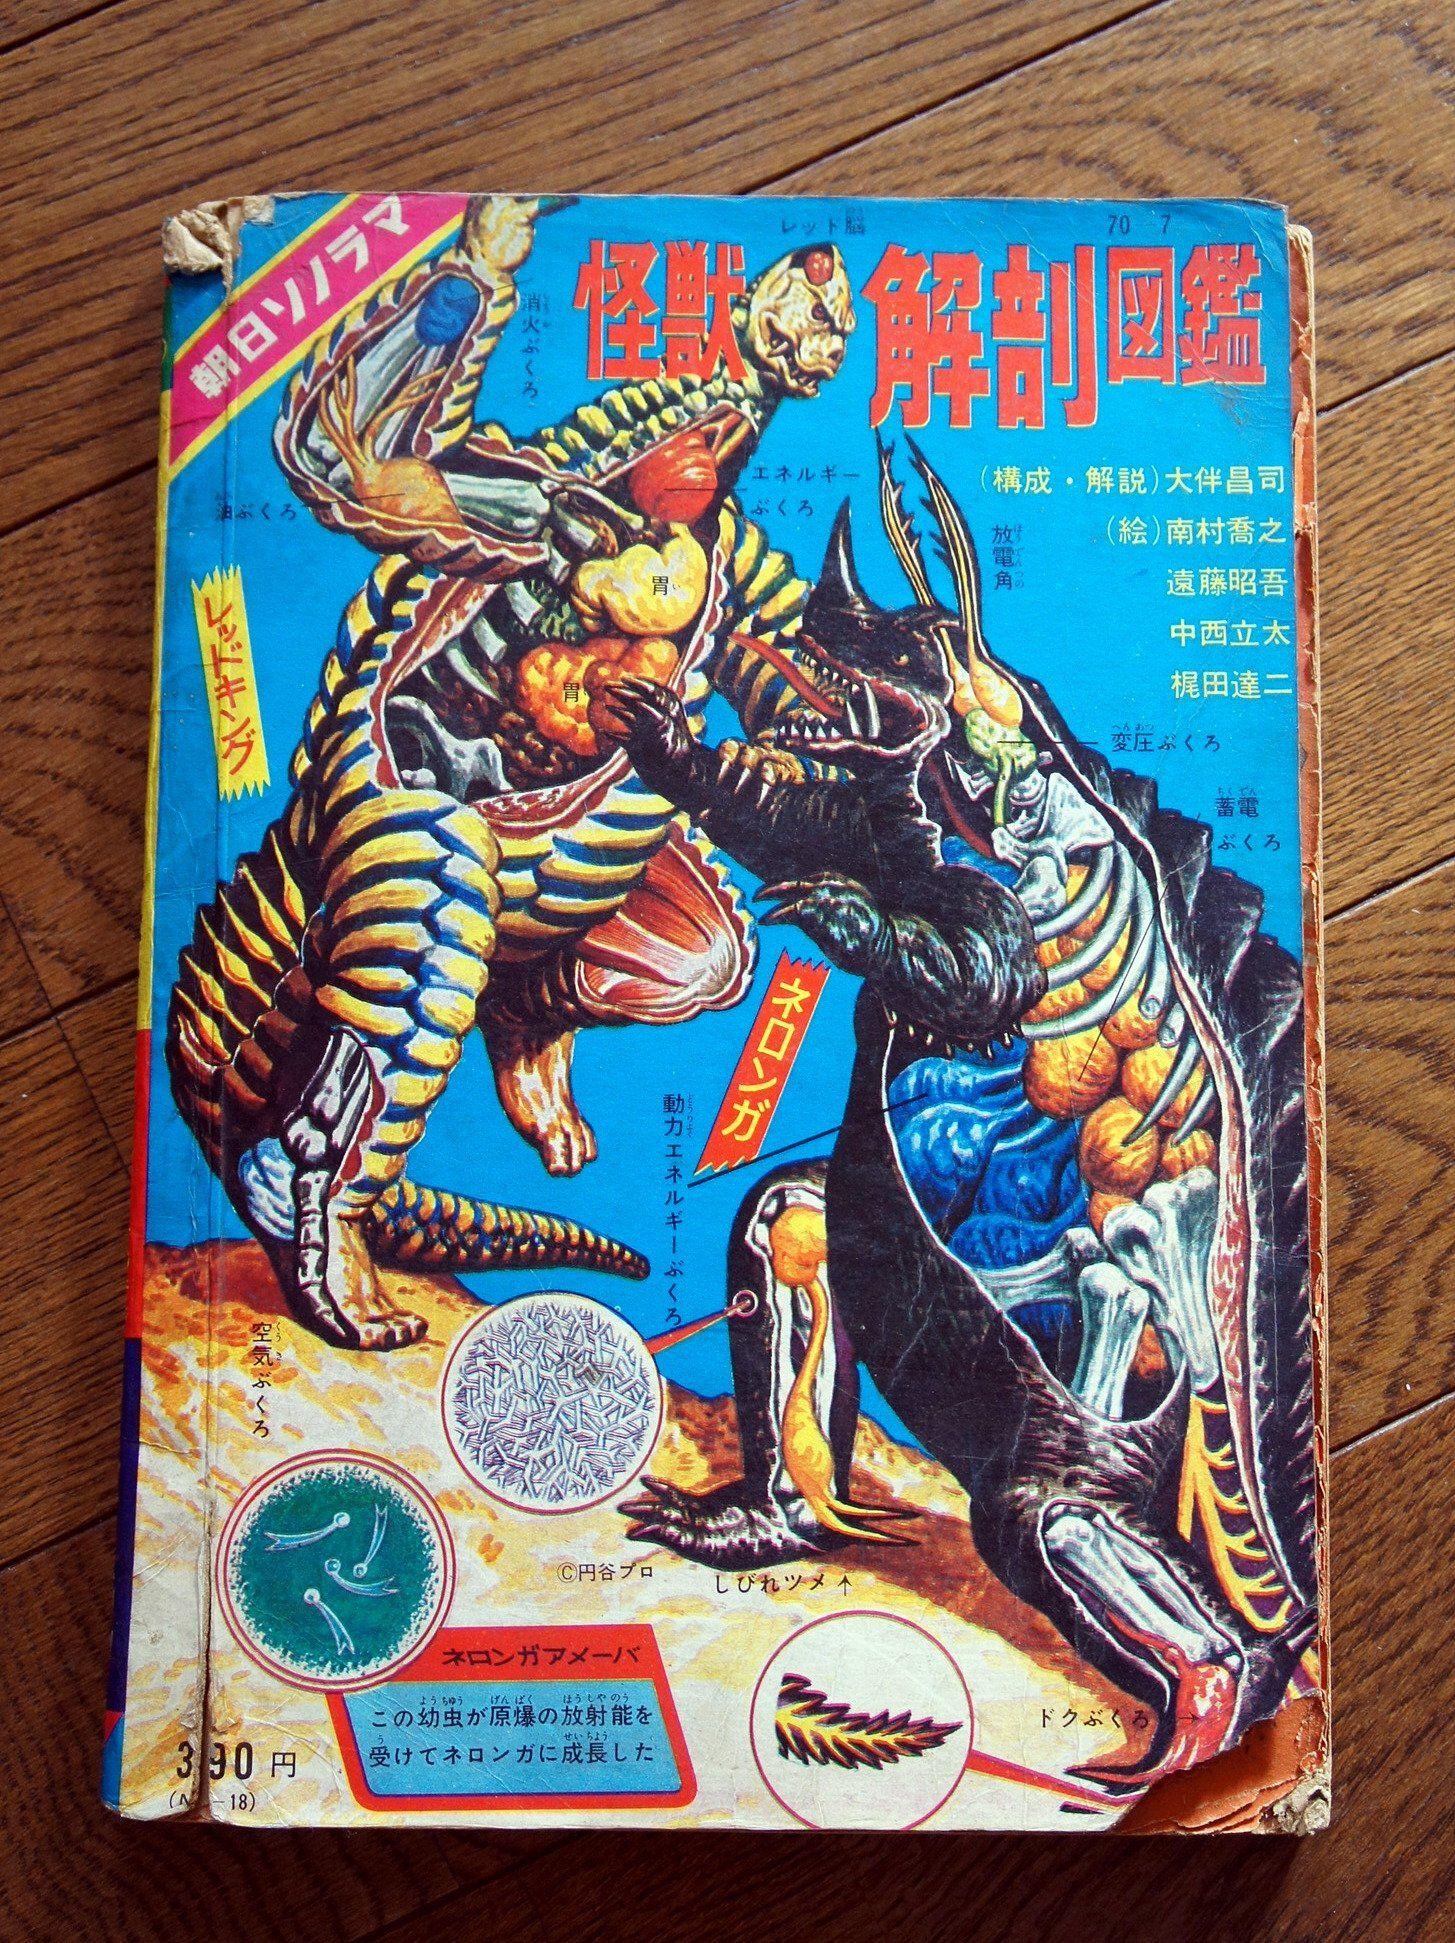 amazon co jp 怪獣解剖図鑑 1967年 本 図鑑 怪獣 初代ウルトラマン